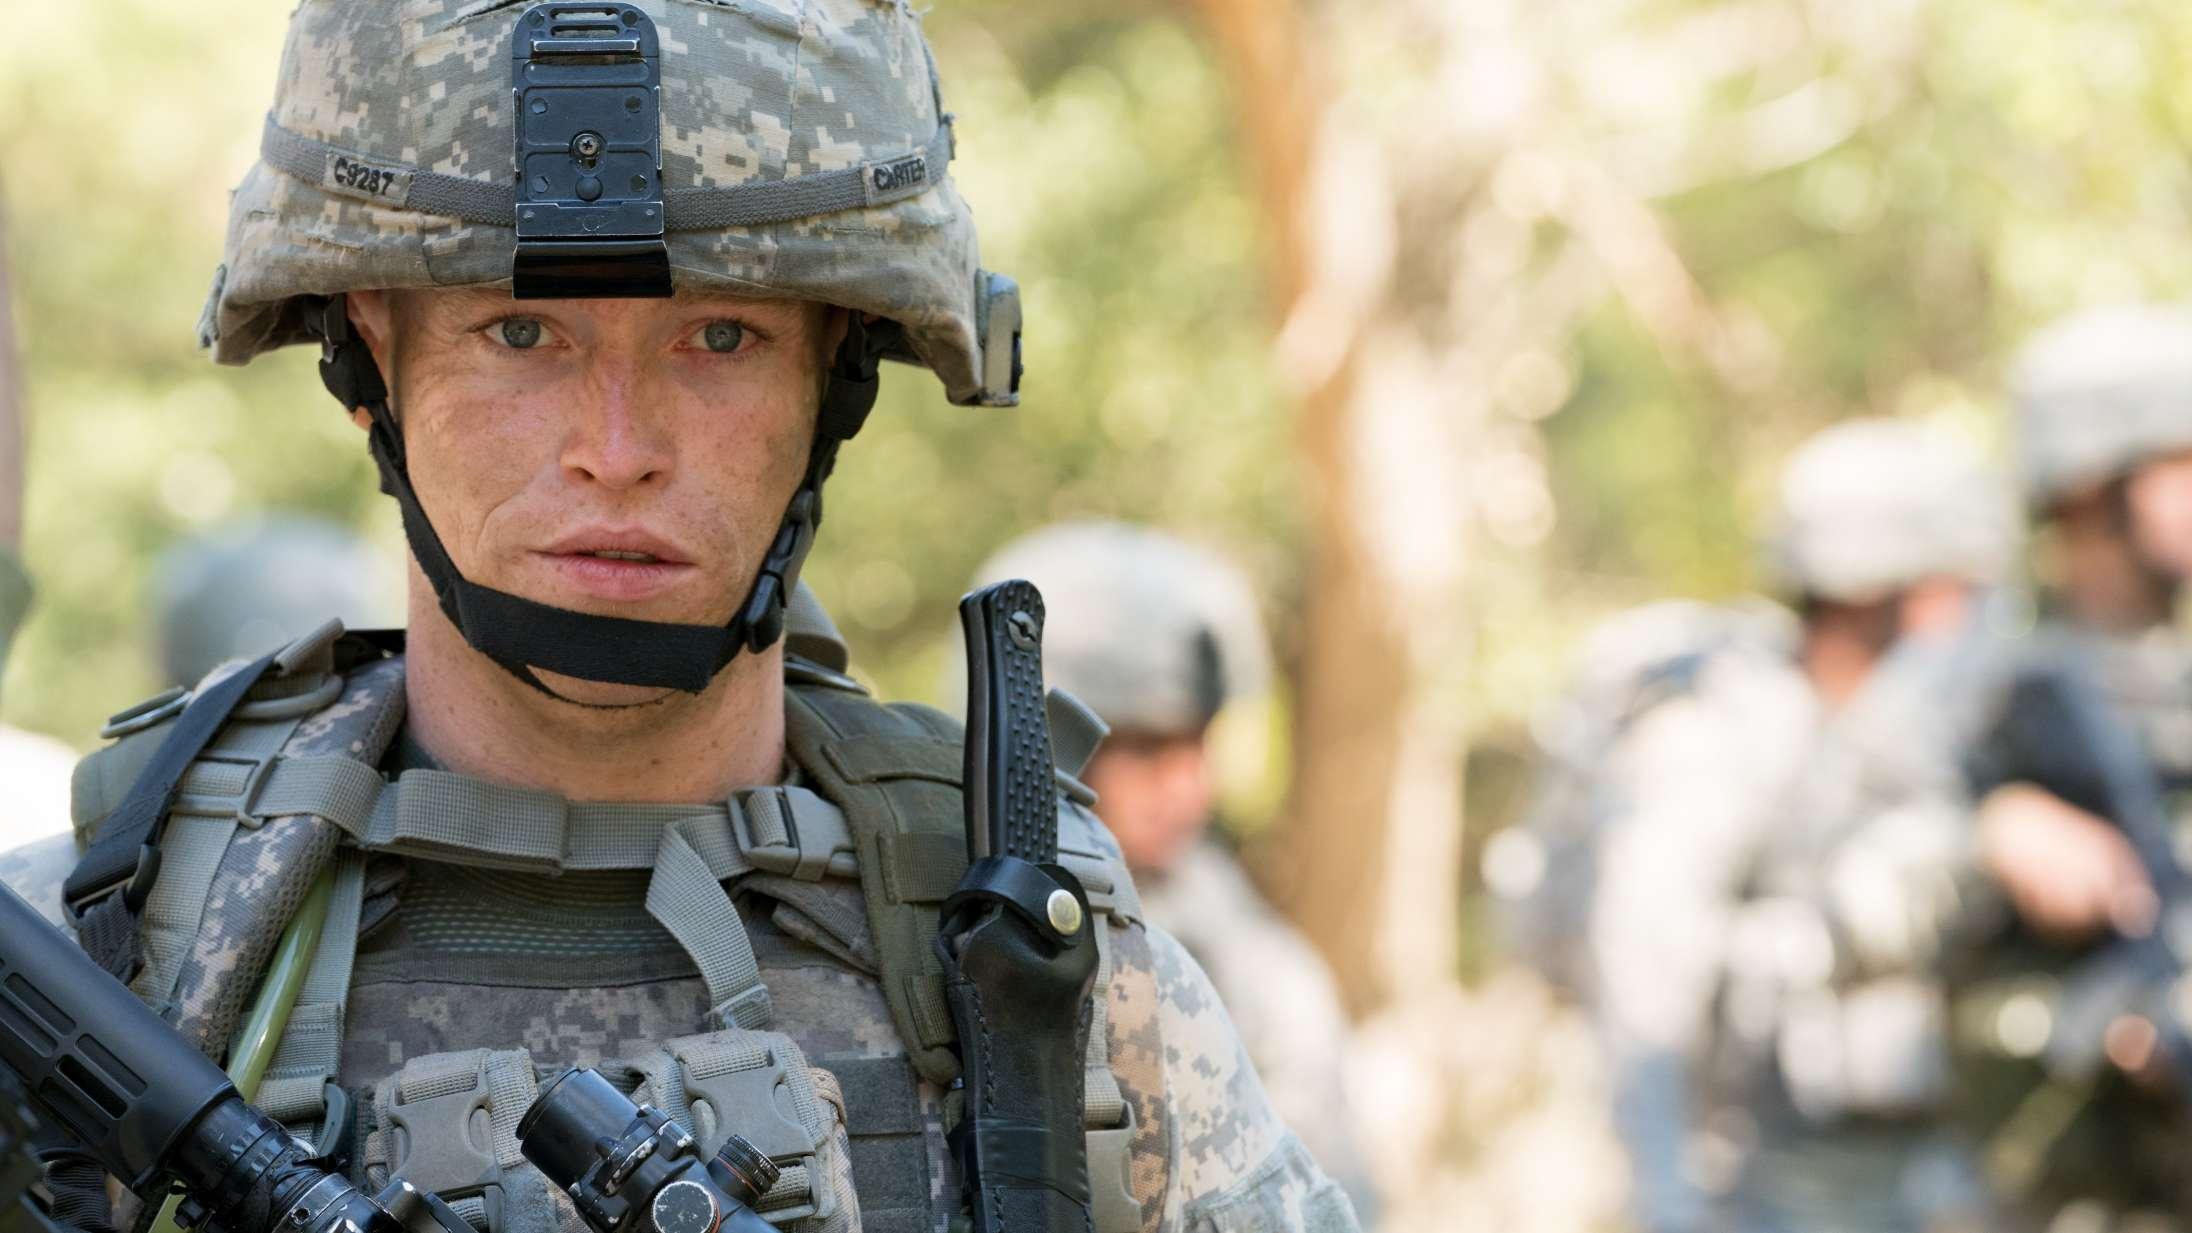 'The Outpost': Gør jer klar til nogle af de mest intense krigsscener siden 'Saving Private Ryan'